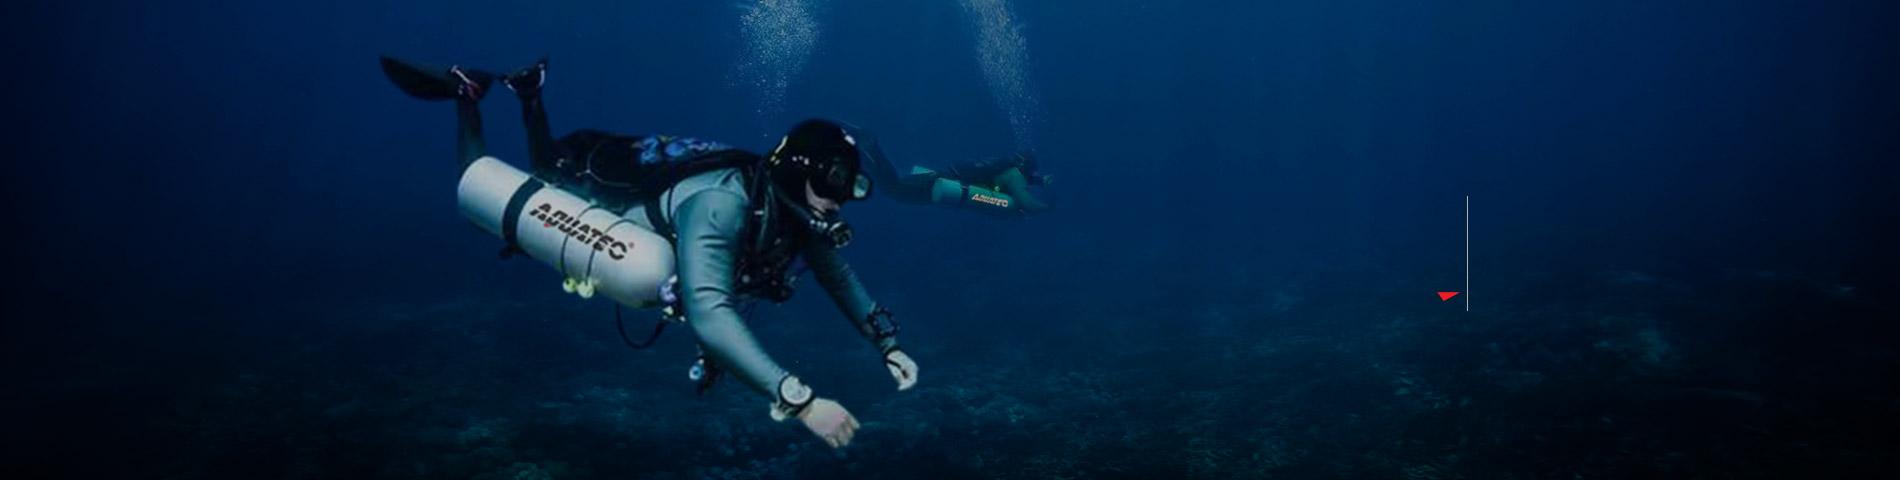 Discover AQUATEC Professional scuba diving equipment